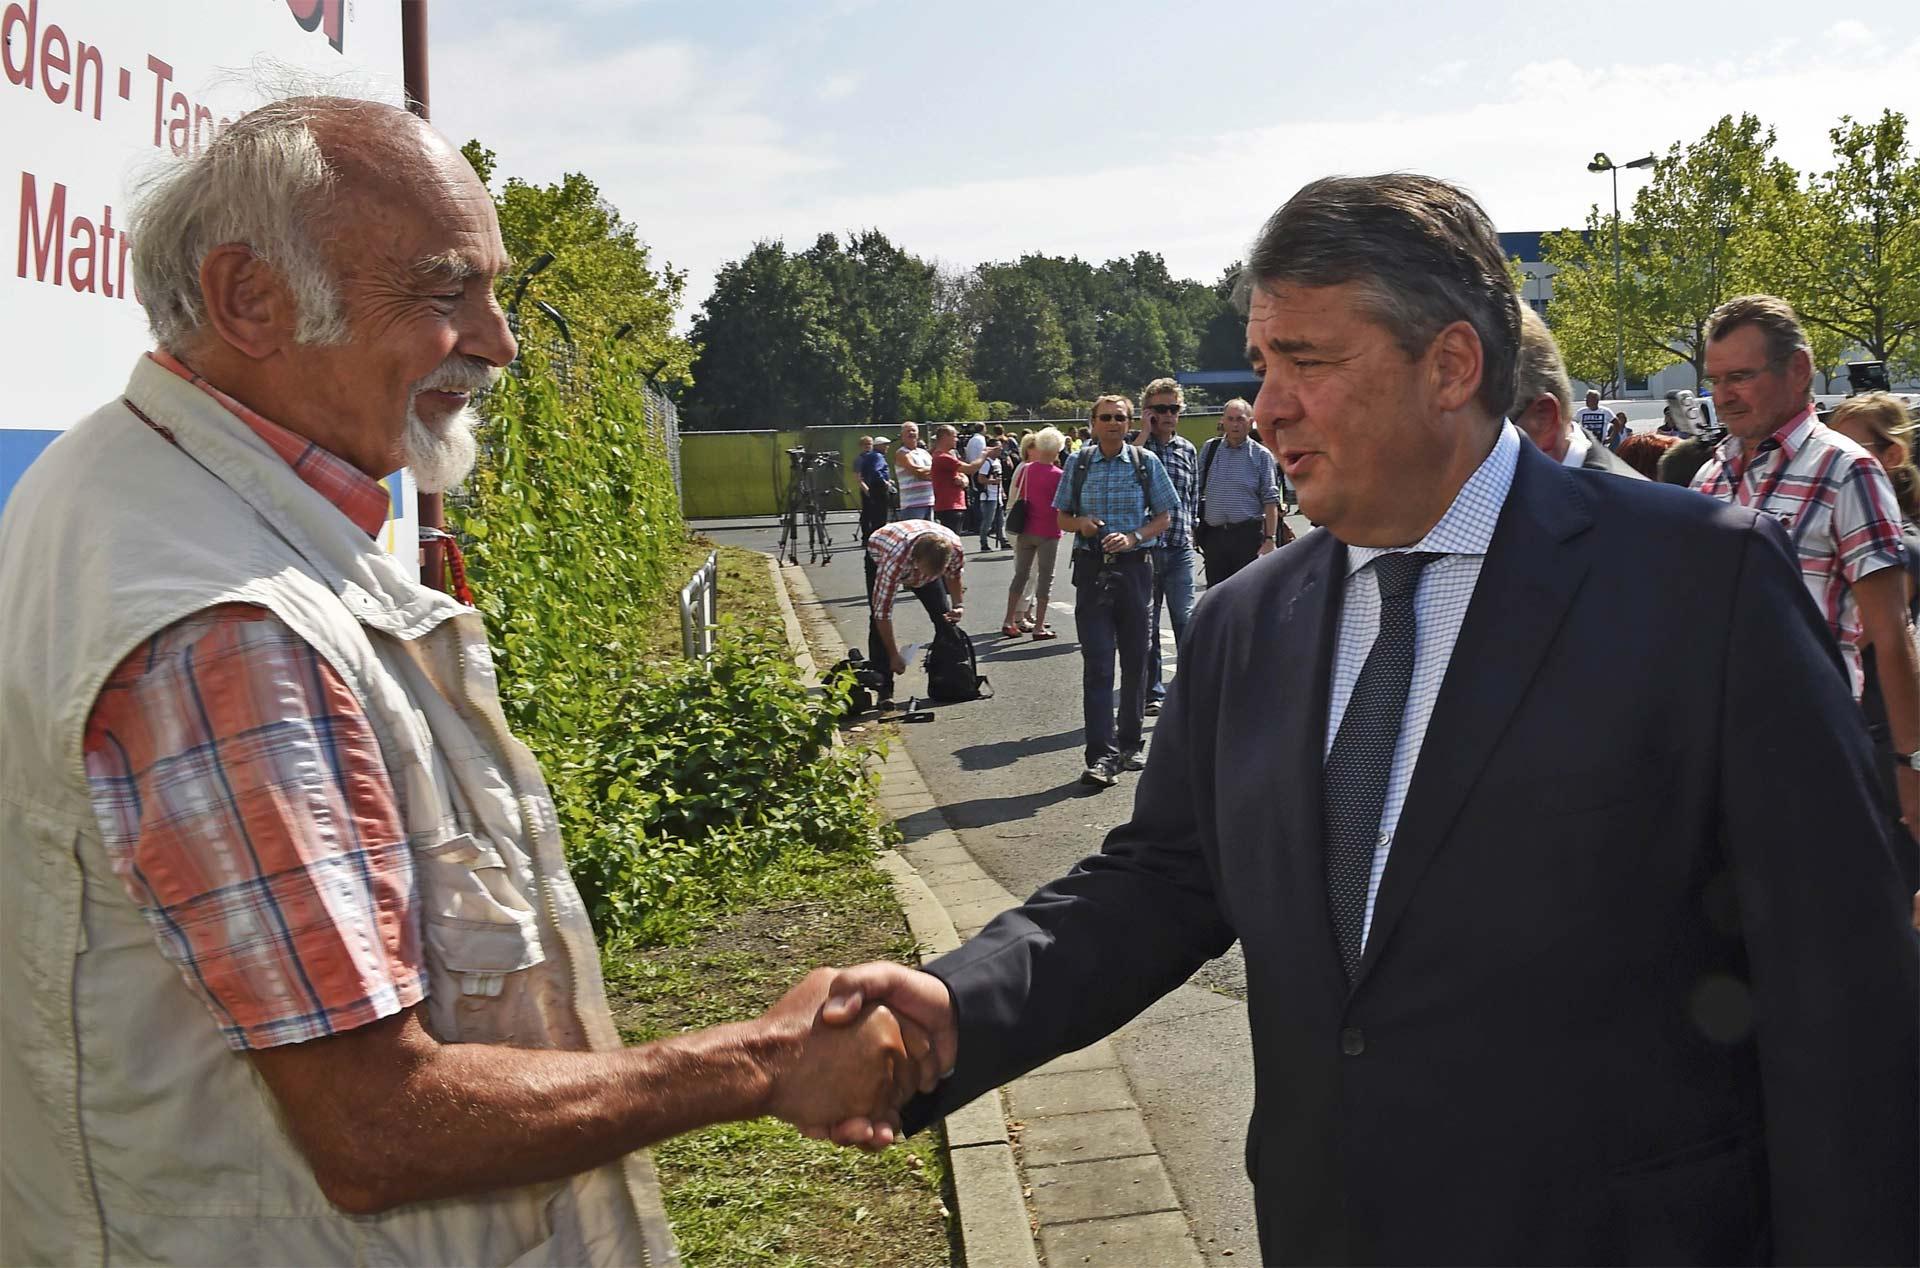 El vicecanciller alemán, Sigmar Gabriel, visitó Heidenau luego de los hechos racistas del fin de semana